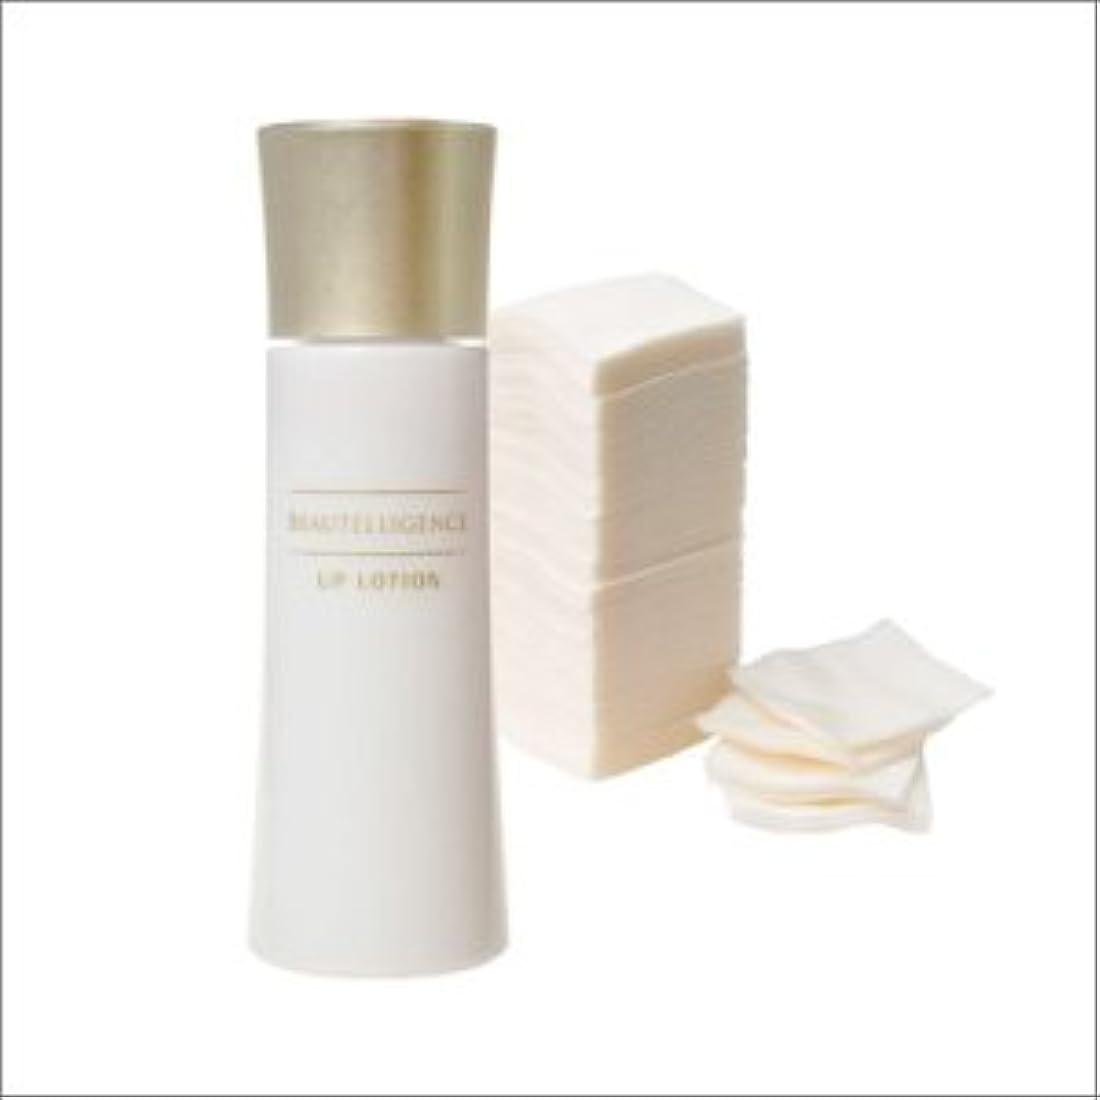 手を差し伸べる意味のある粘性のアップローション&ガーゼ ひきしめ 化粧水 美容液 ハリ NEWA オシリフト グリシルグリシンエイジングケア